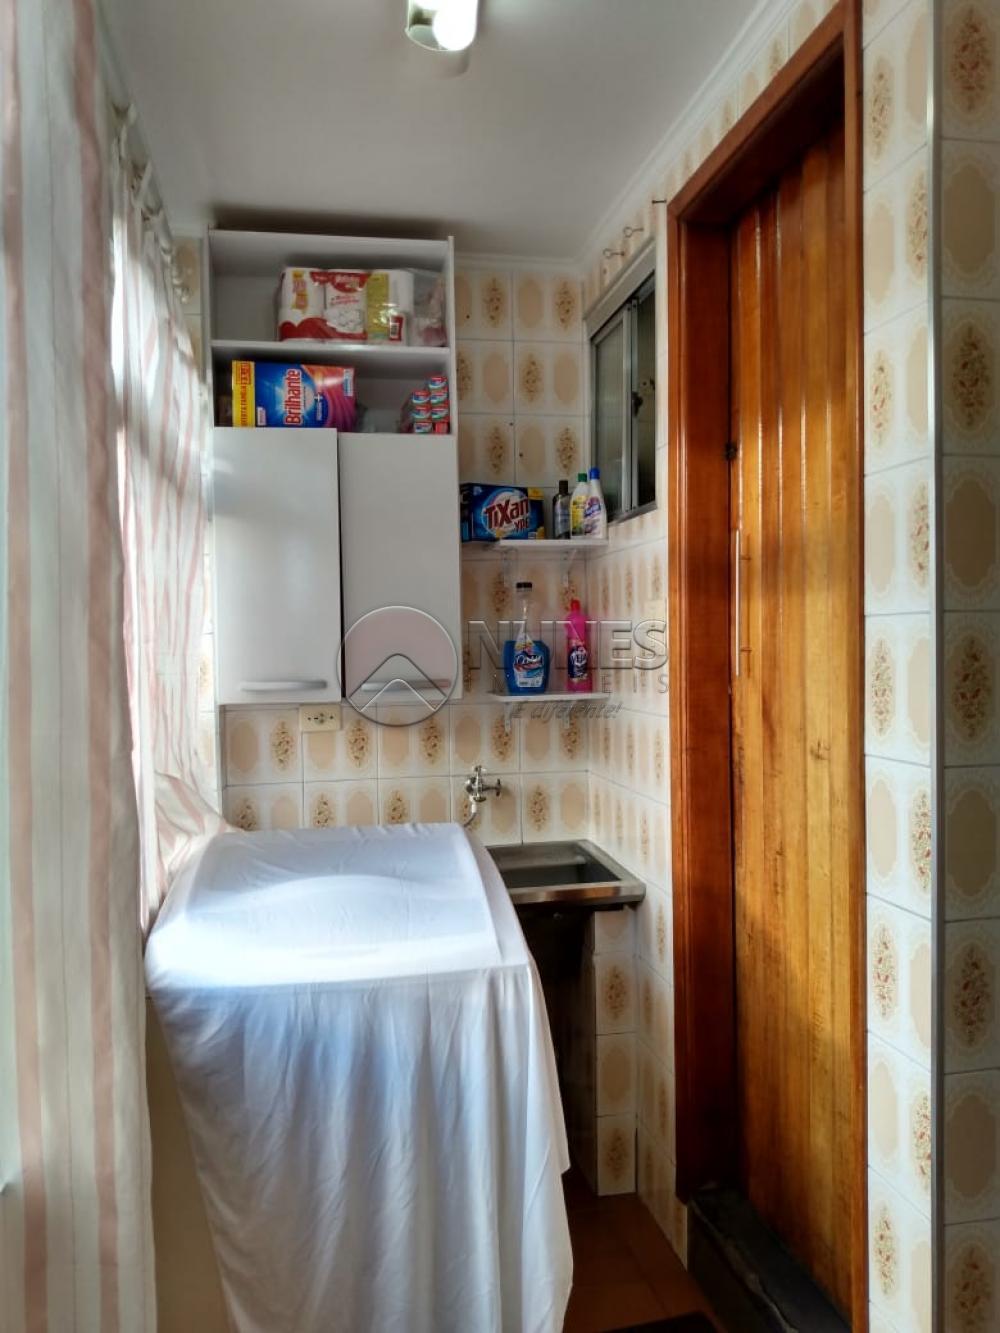 Comprar Apartamento / Padrão em Carapicuíba apenas R$ 140.000,00 - Foto 15